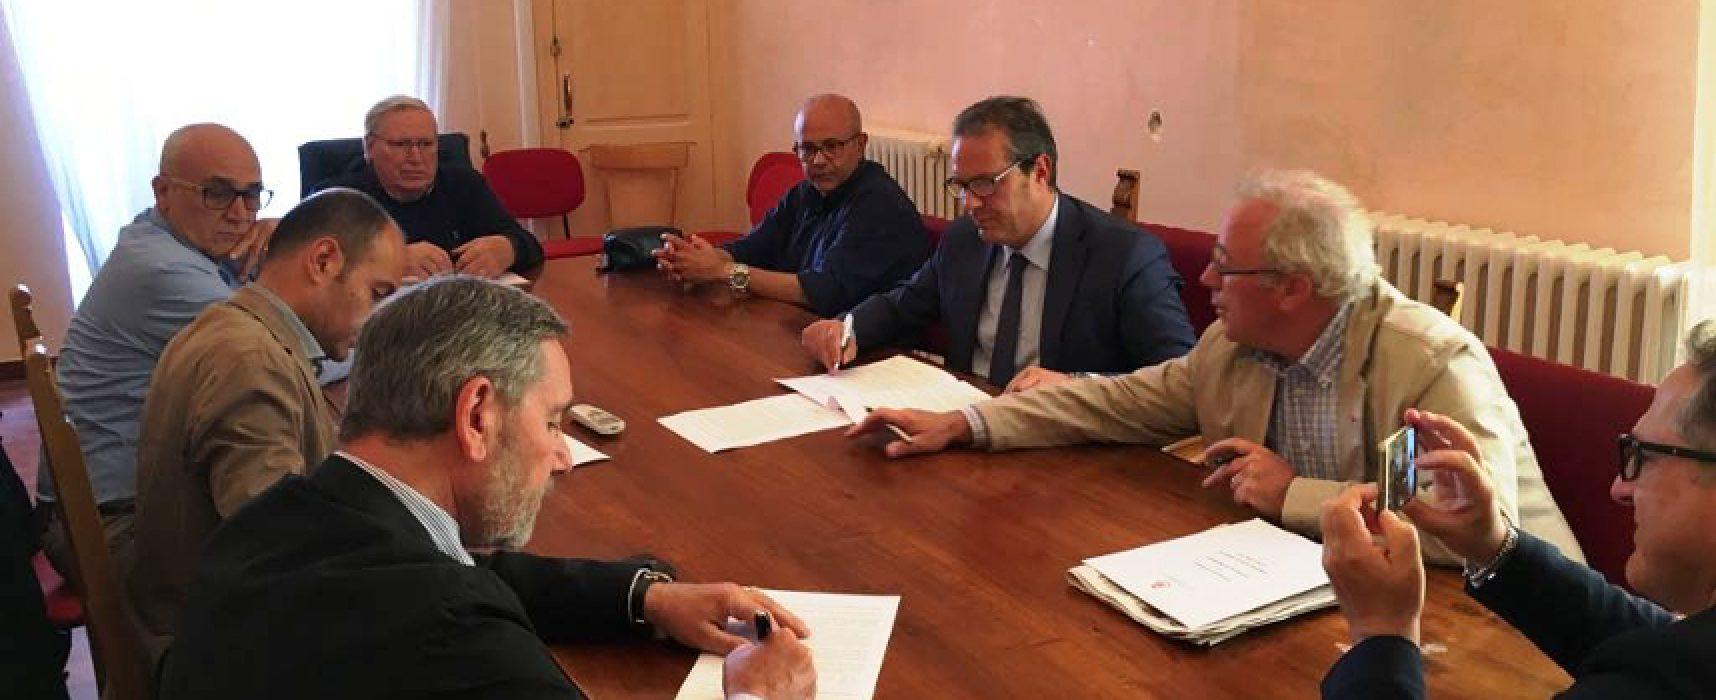 Sviluppo del territorio, firmato protocollo d'intesa tra Comune e sindacati